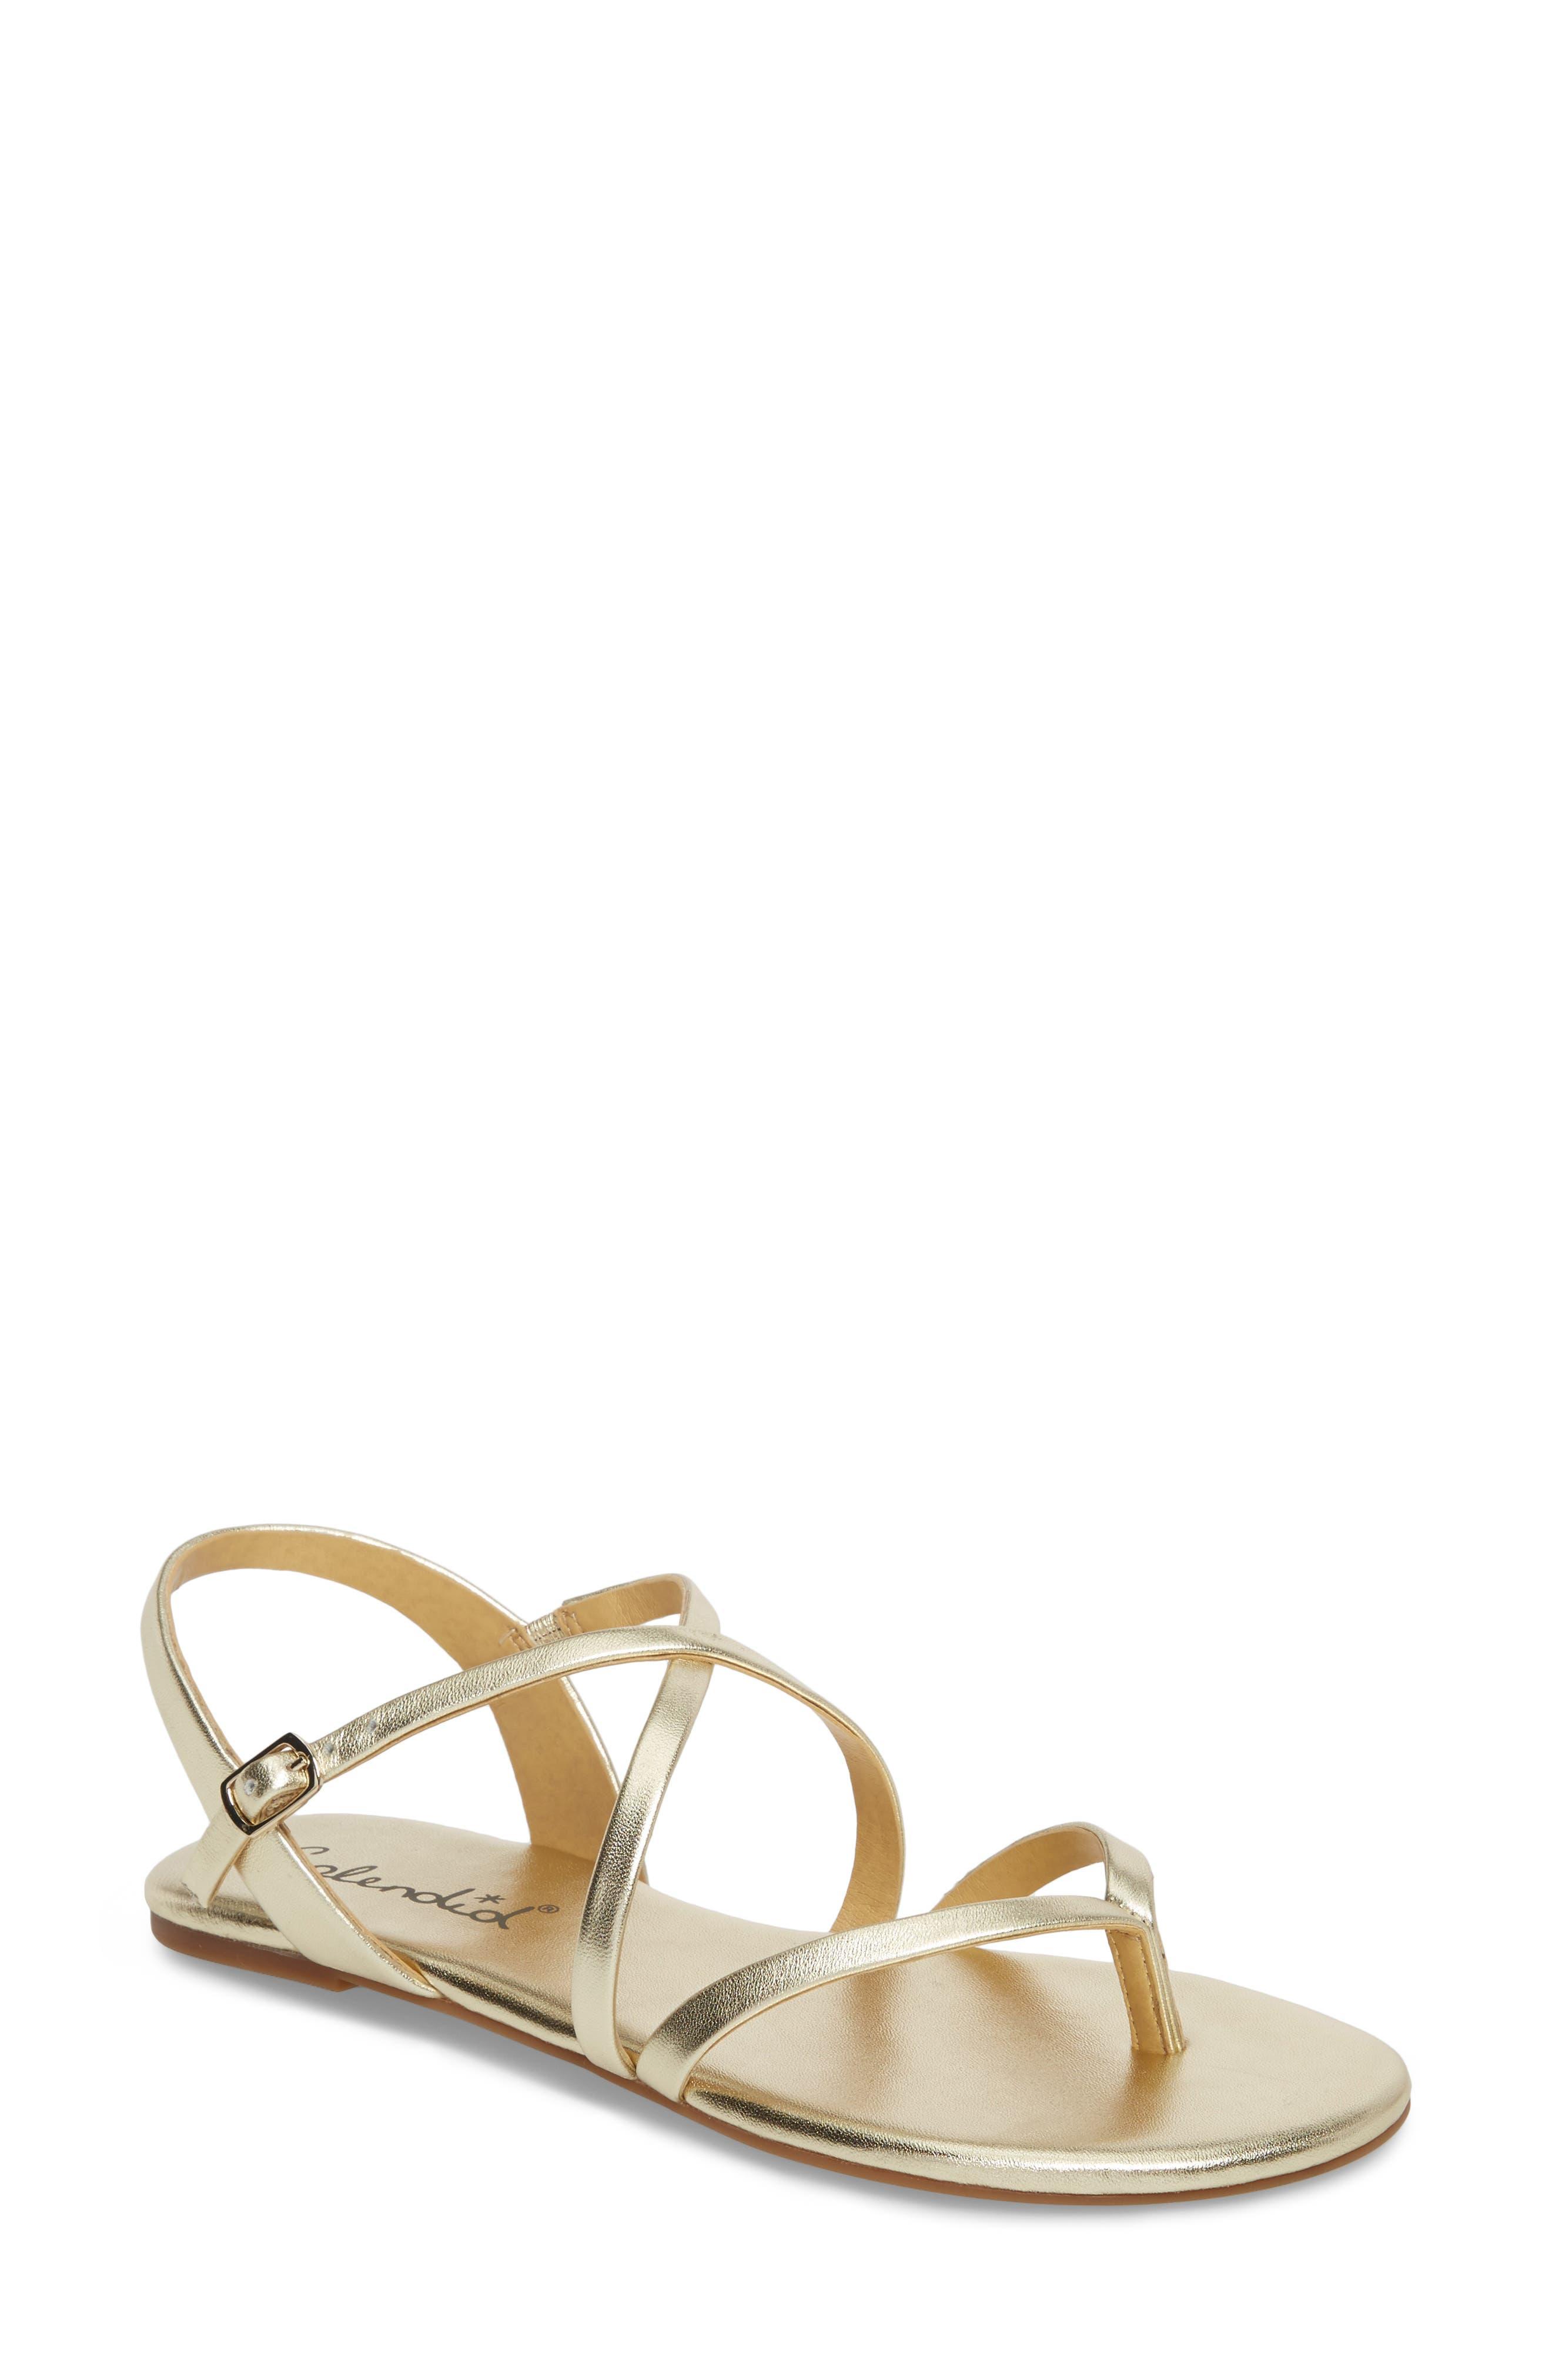 Main Image - Splendid Brett Strappy Flat Sandal (Women)